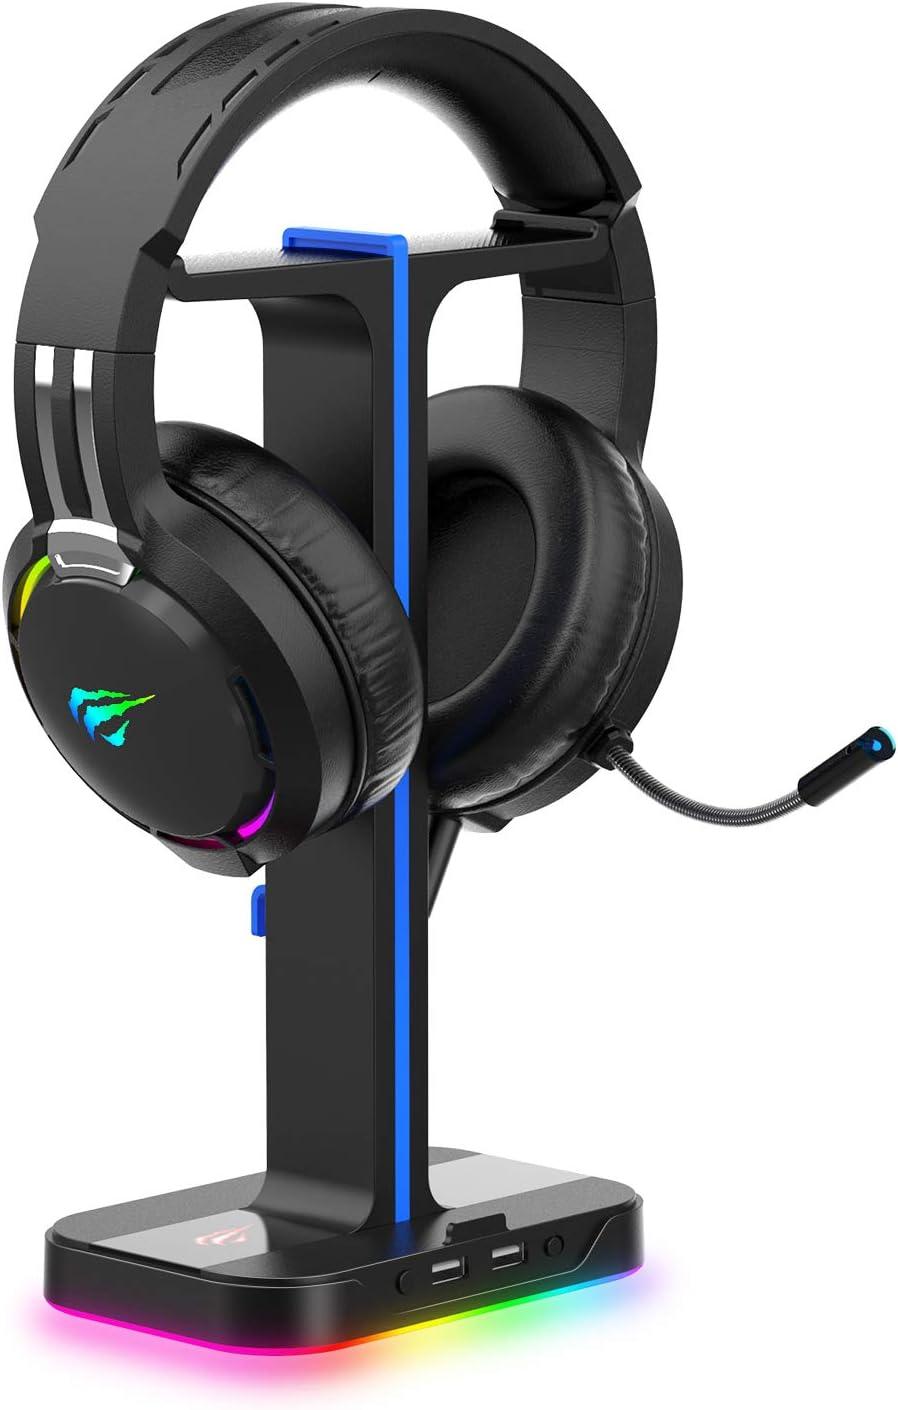 havit Auriculares Gaming PS4 y Soporte para Auriculares Doble con Cable RGB, Soporte Cascos con 2 Cables de extensión de Puerto de Carga de expansión USB 2.0,Cascos Gaming,Negro